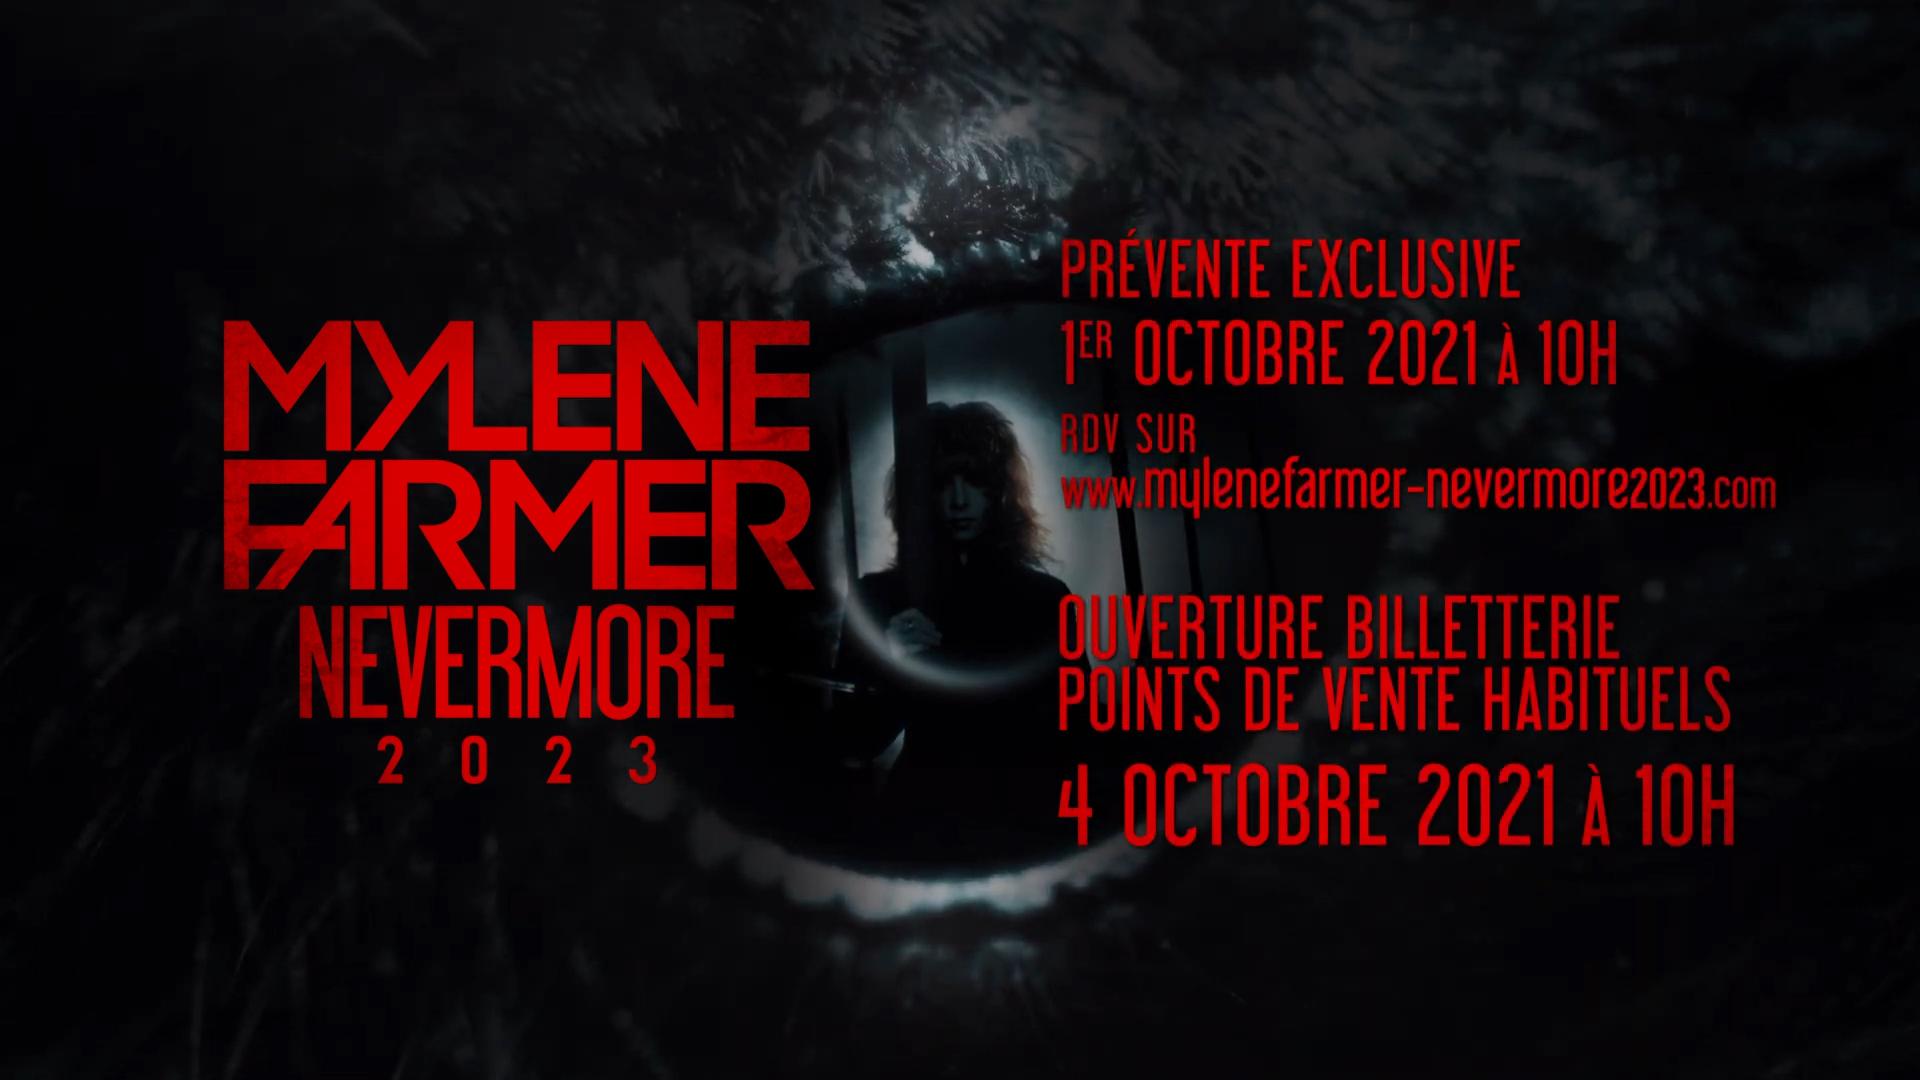 Tournée des stades Nevermore 2023